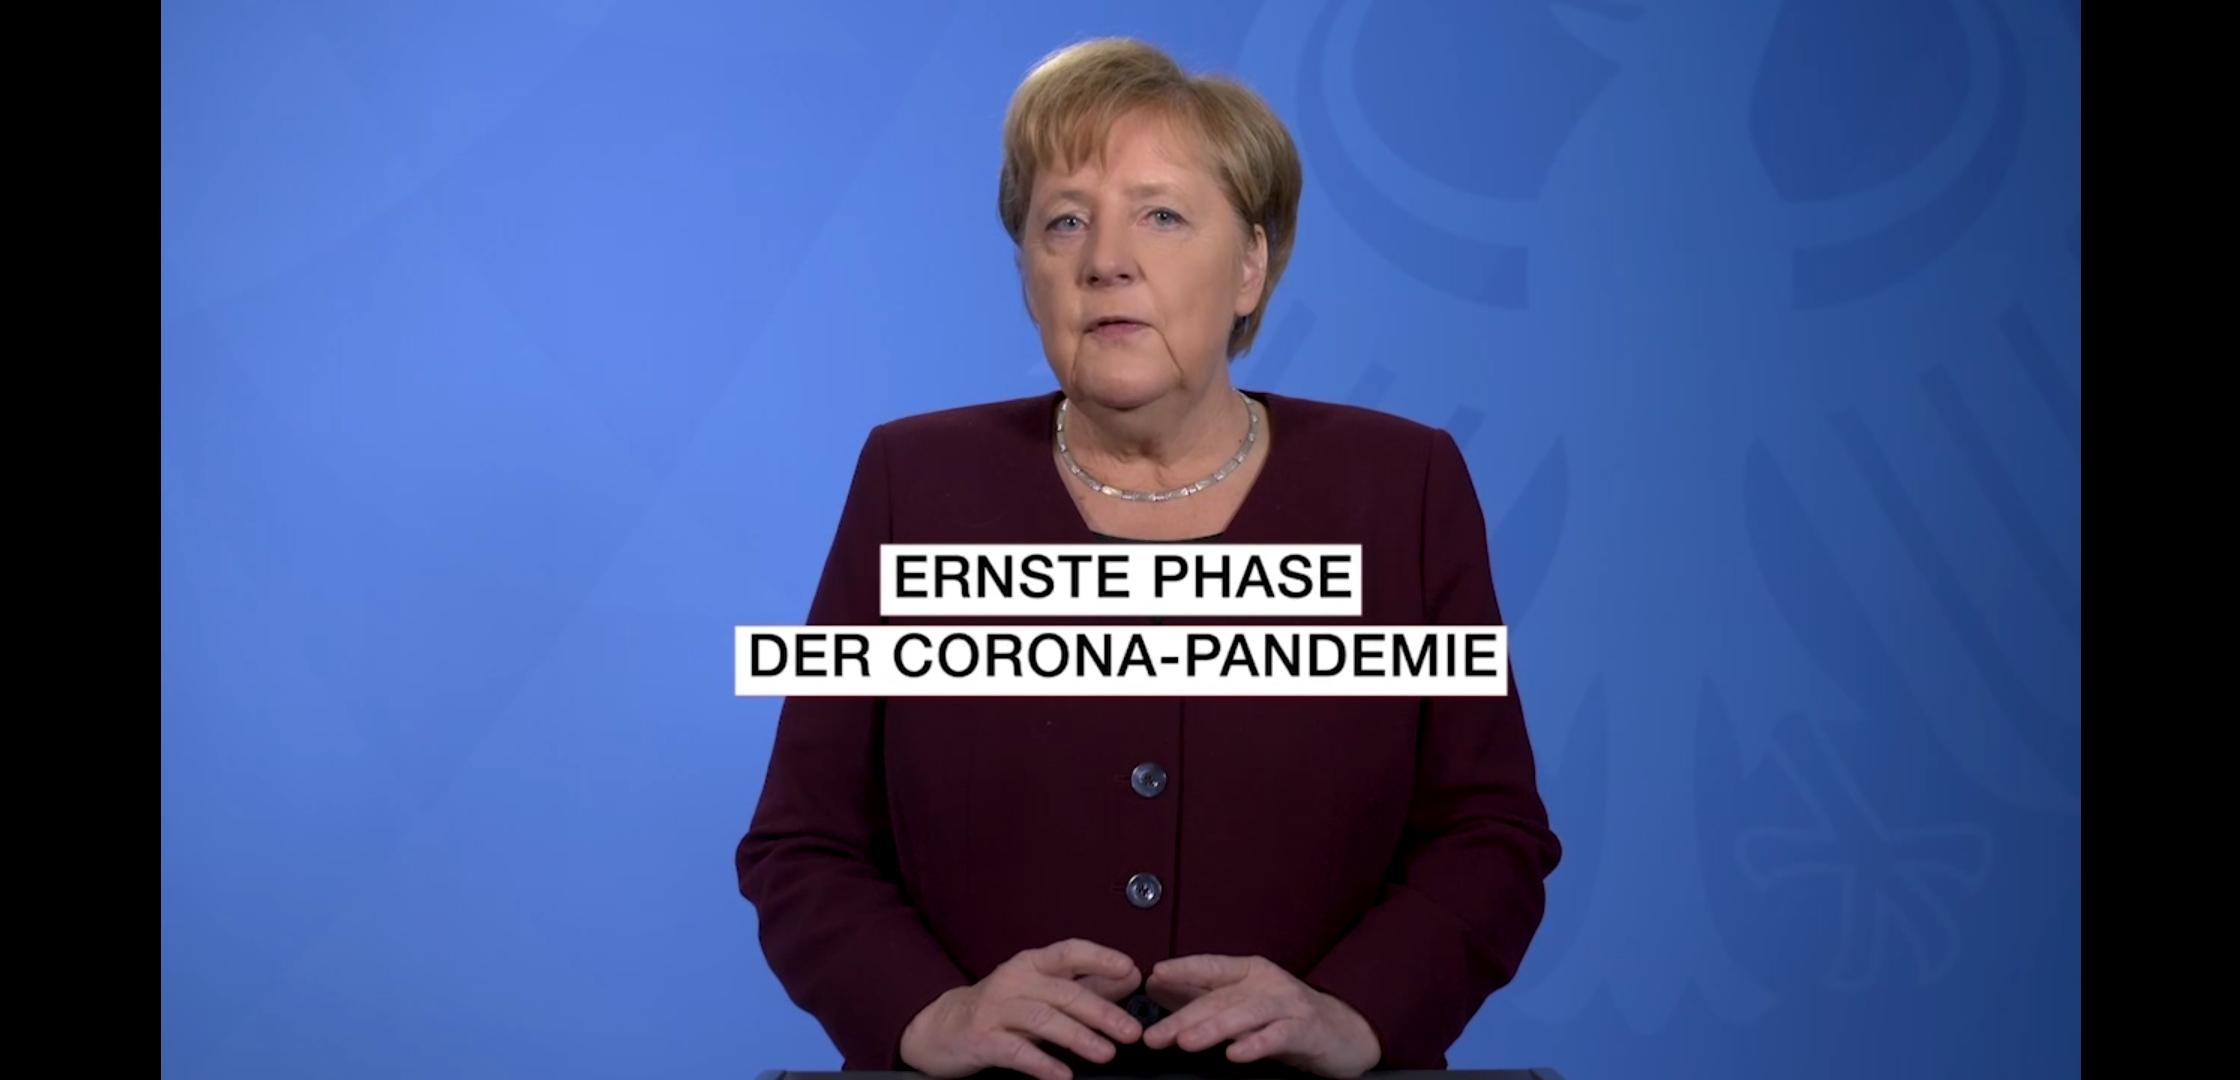 """""""Wir sind jetzt in einer sehr ernsten Phase der Corona-Pandemie"""""""